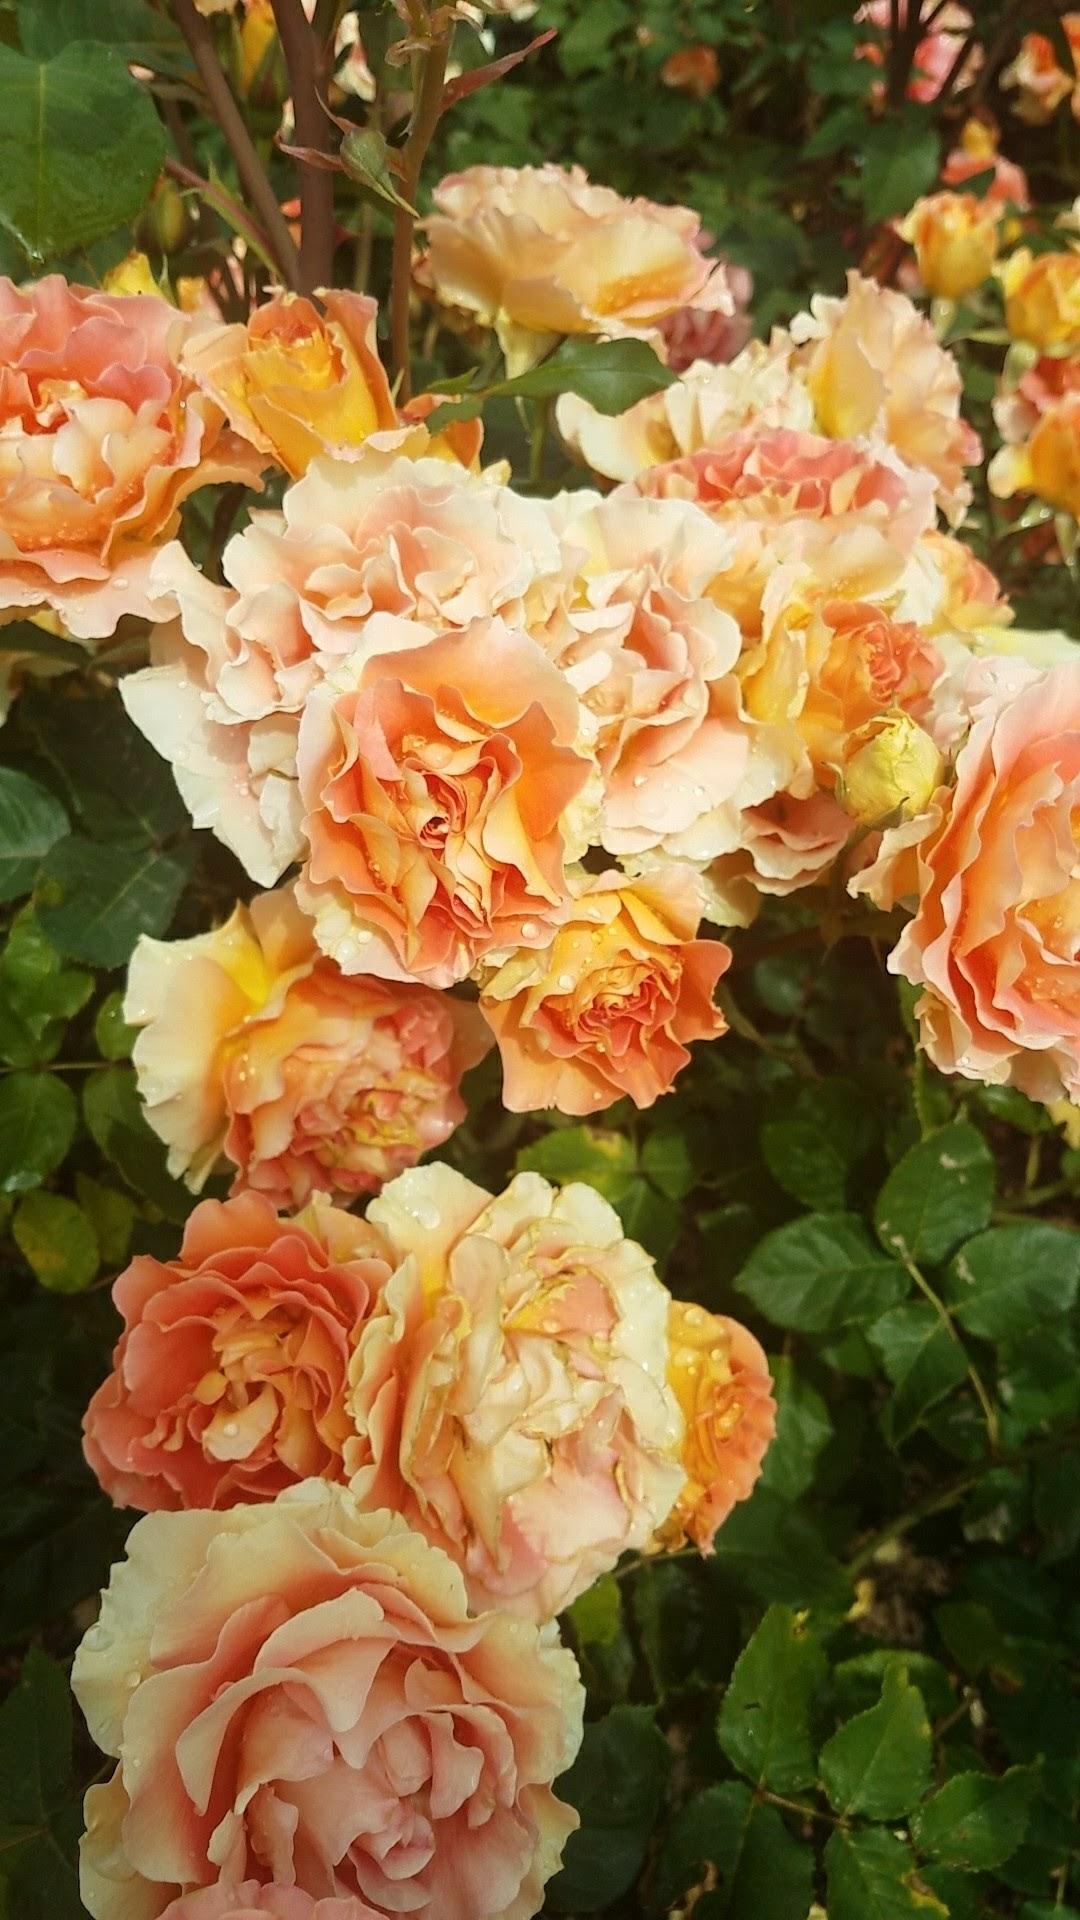 Rose gardens are so legit.